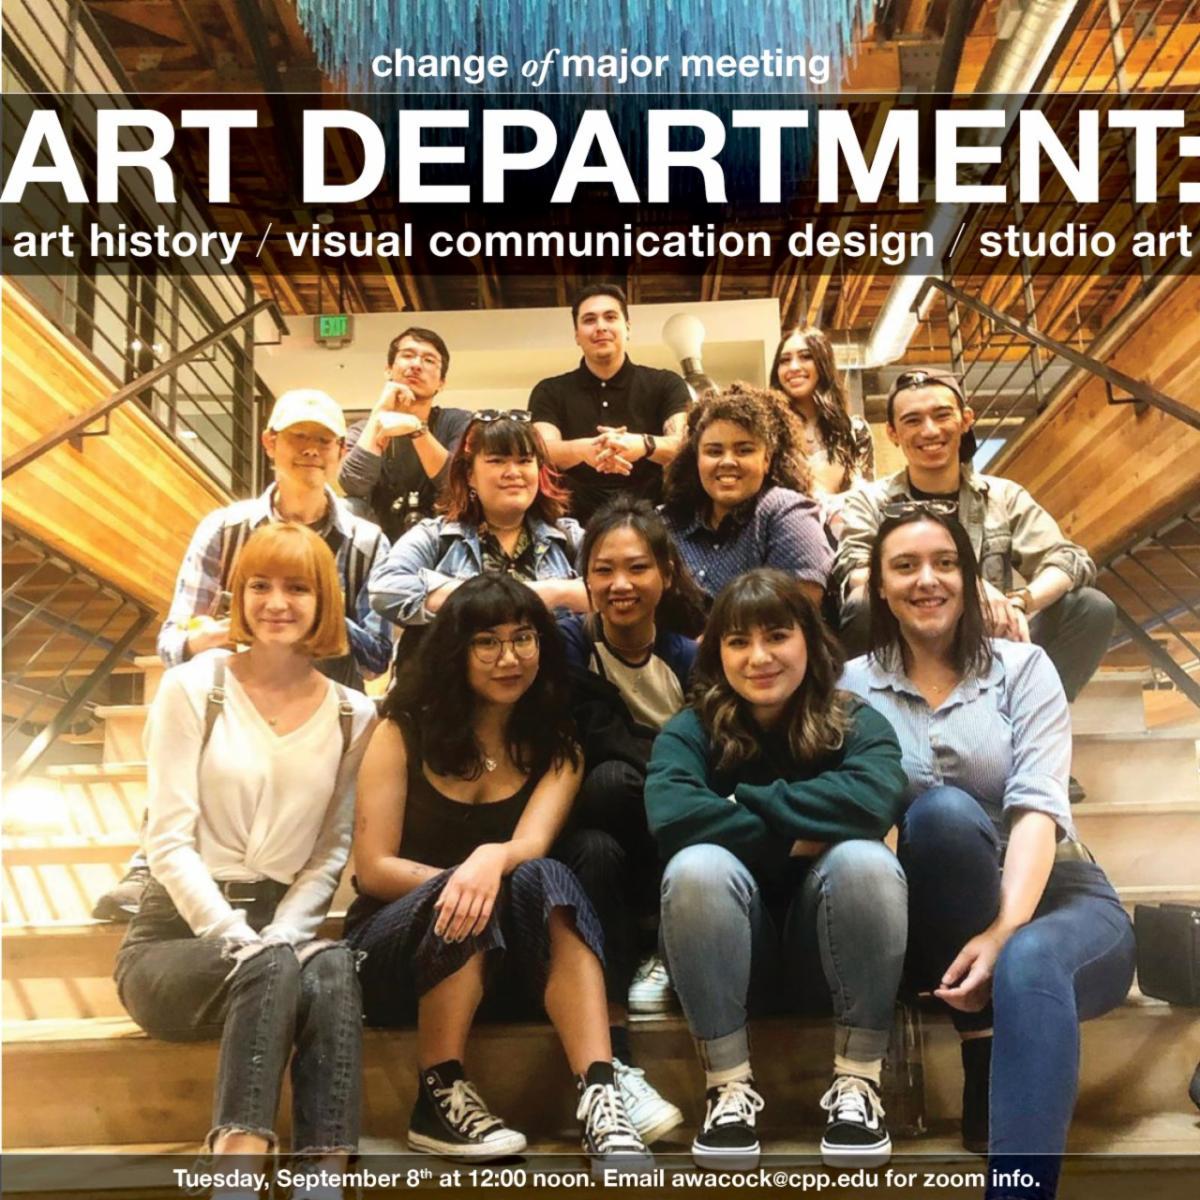 art department change of major meeting